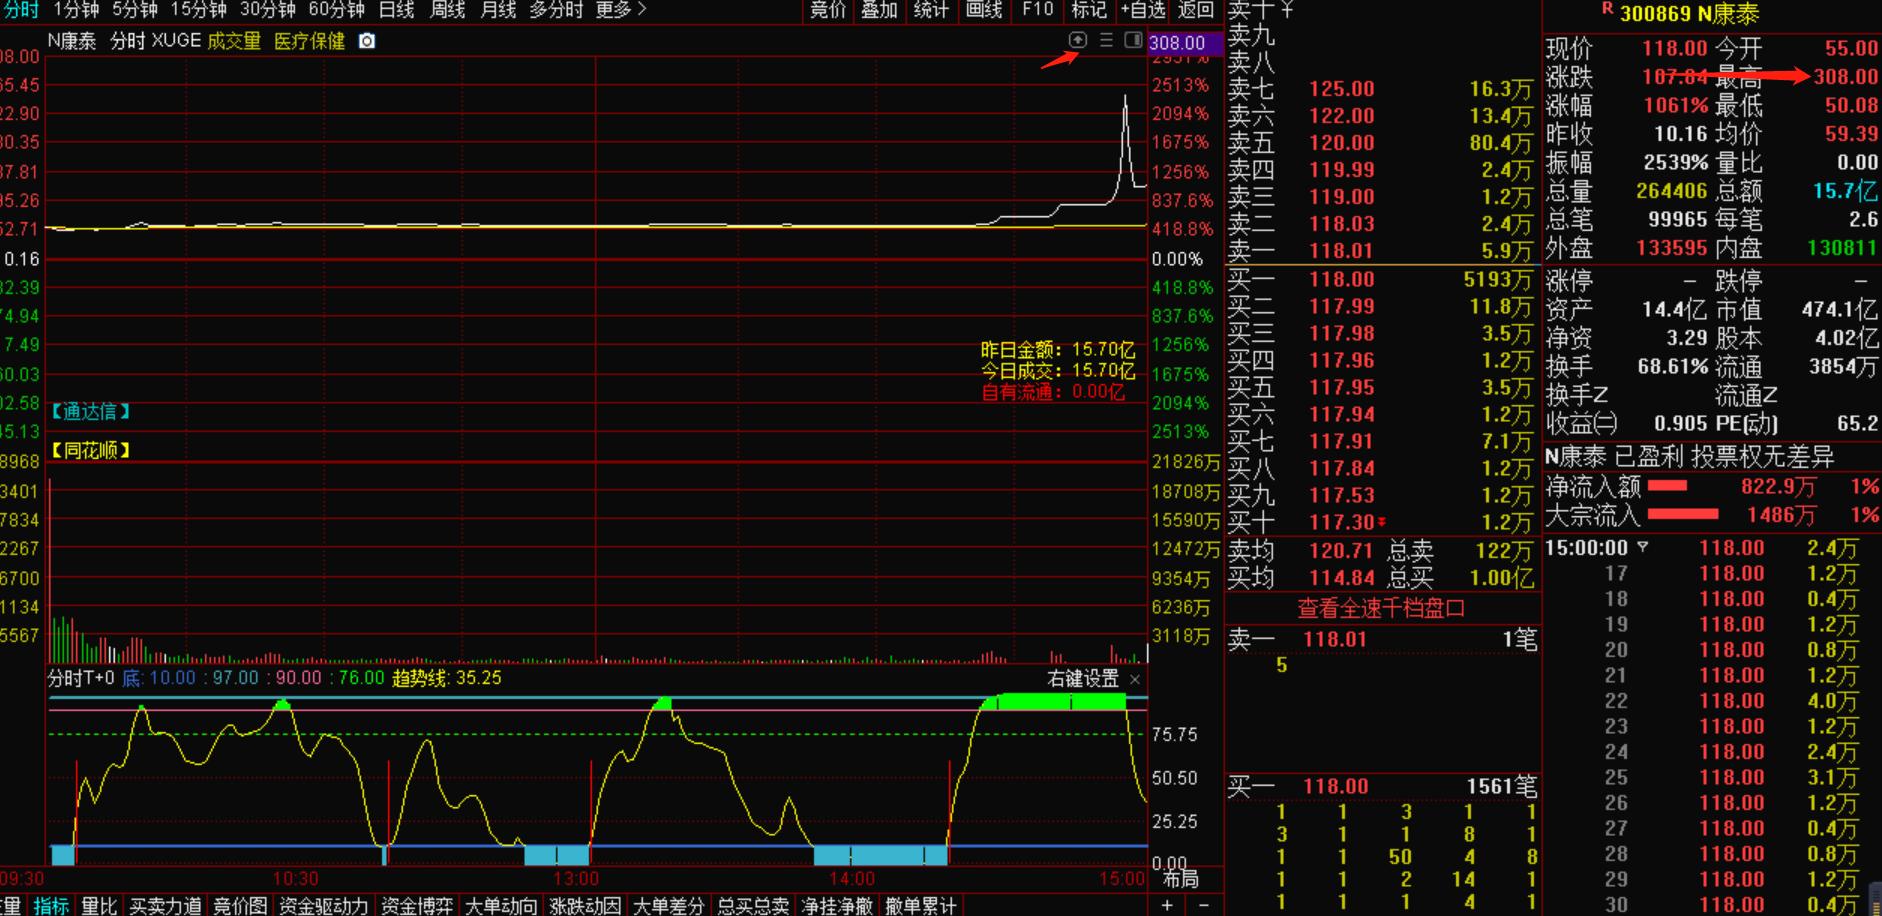 8月25号机智资金流 震惊!一天达到2931%的涨幅的股票是哪一只!